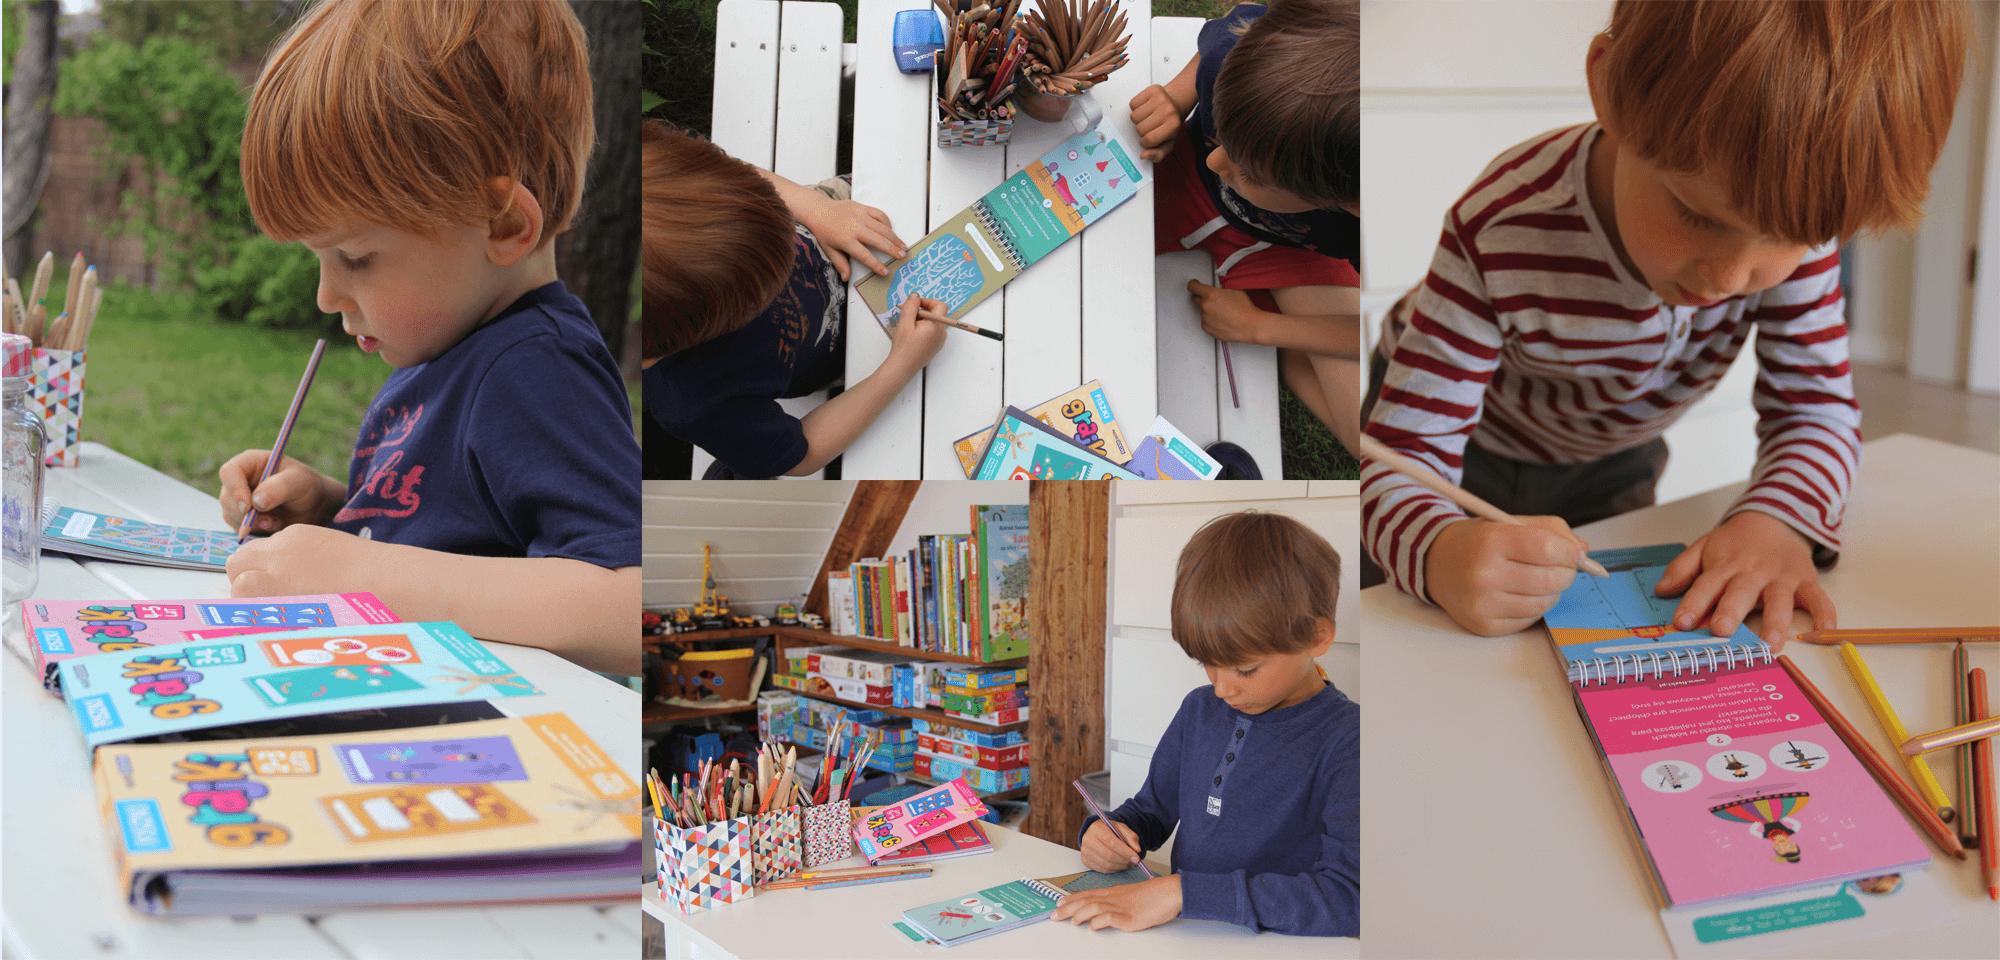 Gry edukacyjne dla dzieci_Olek i Poldek